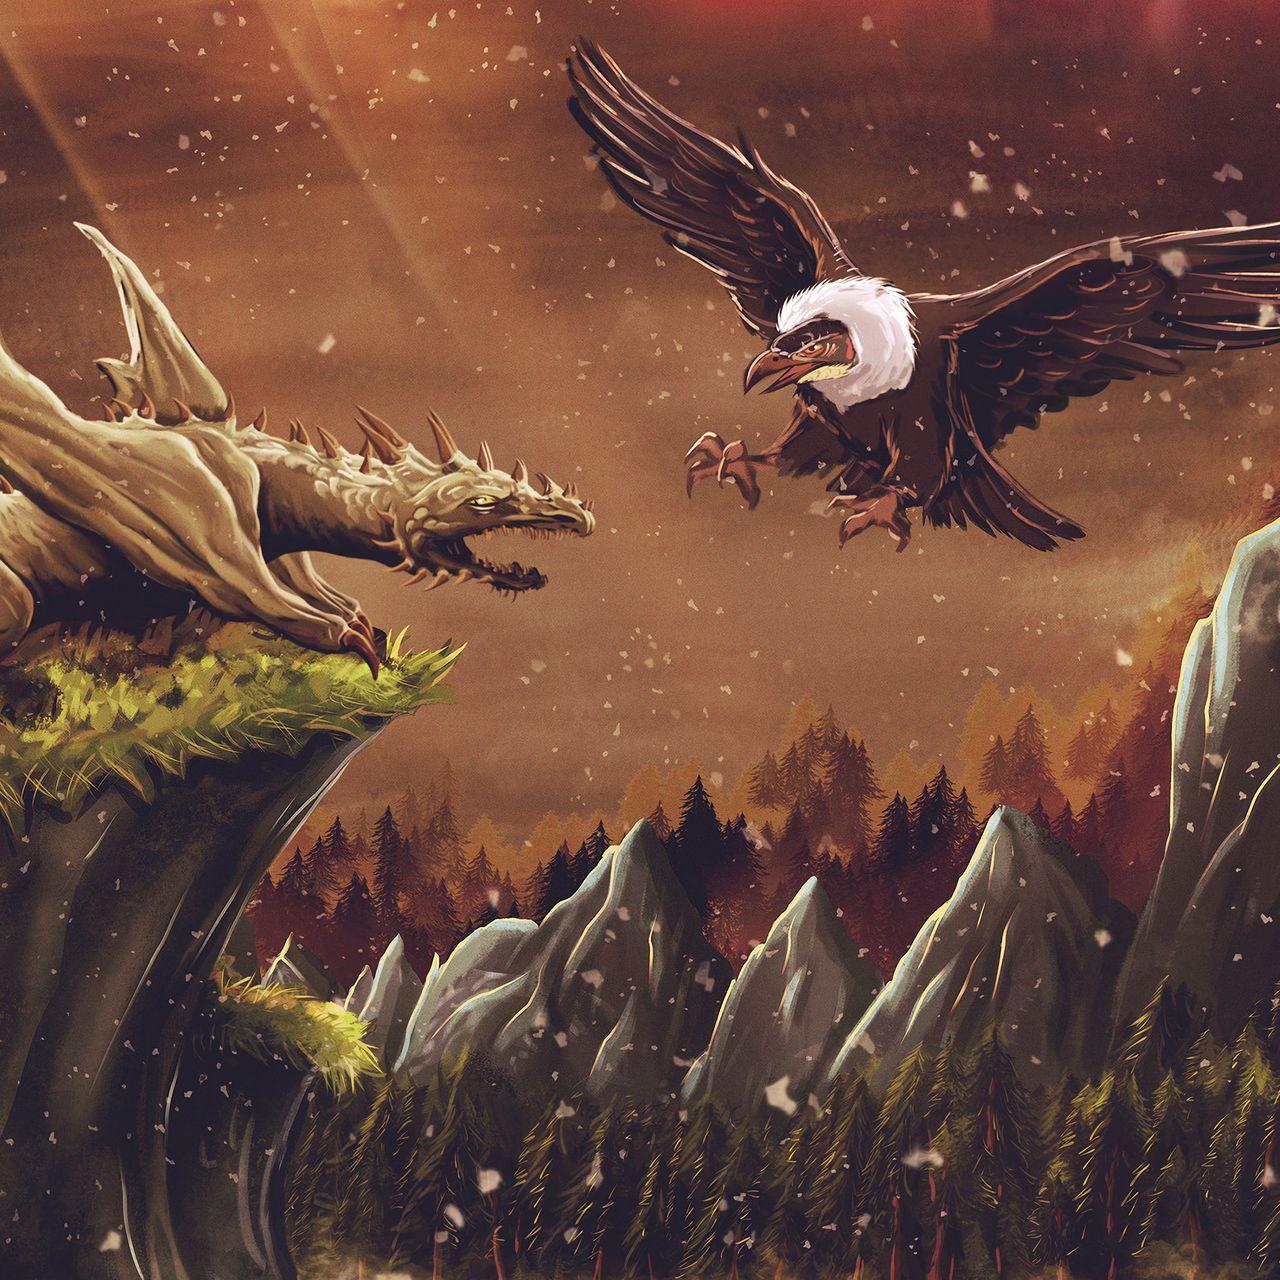 1280x1280 Wallpaper dragon, vulture, bird, art, fiction